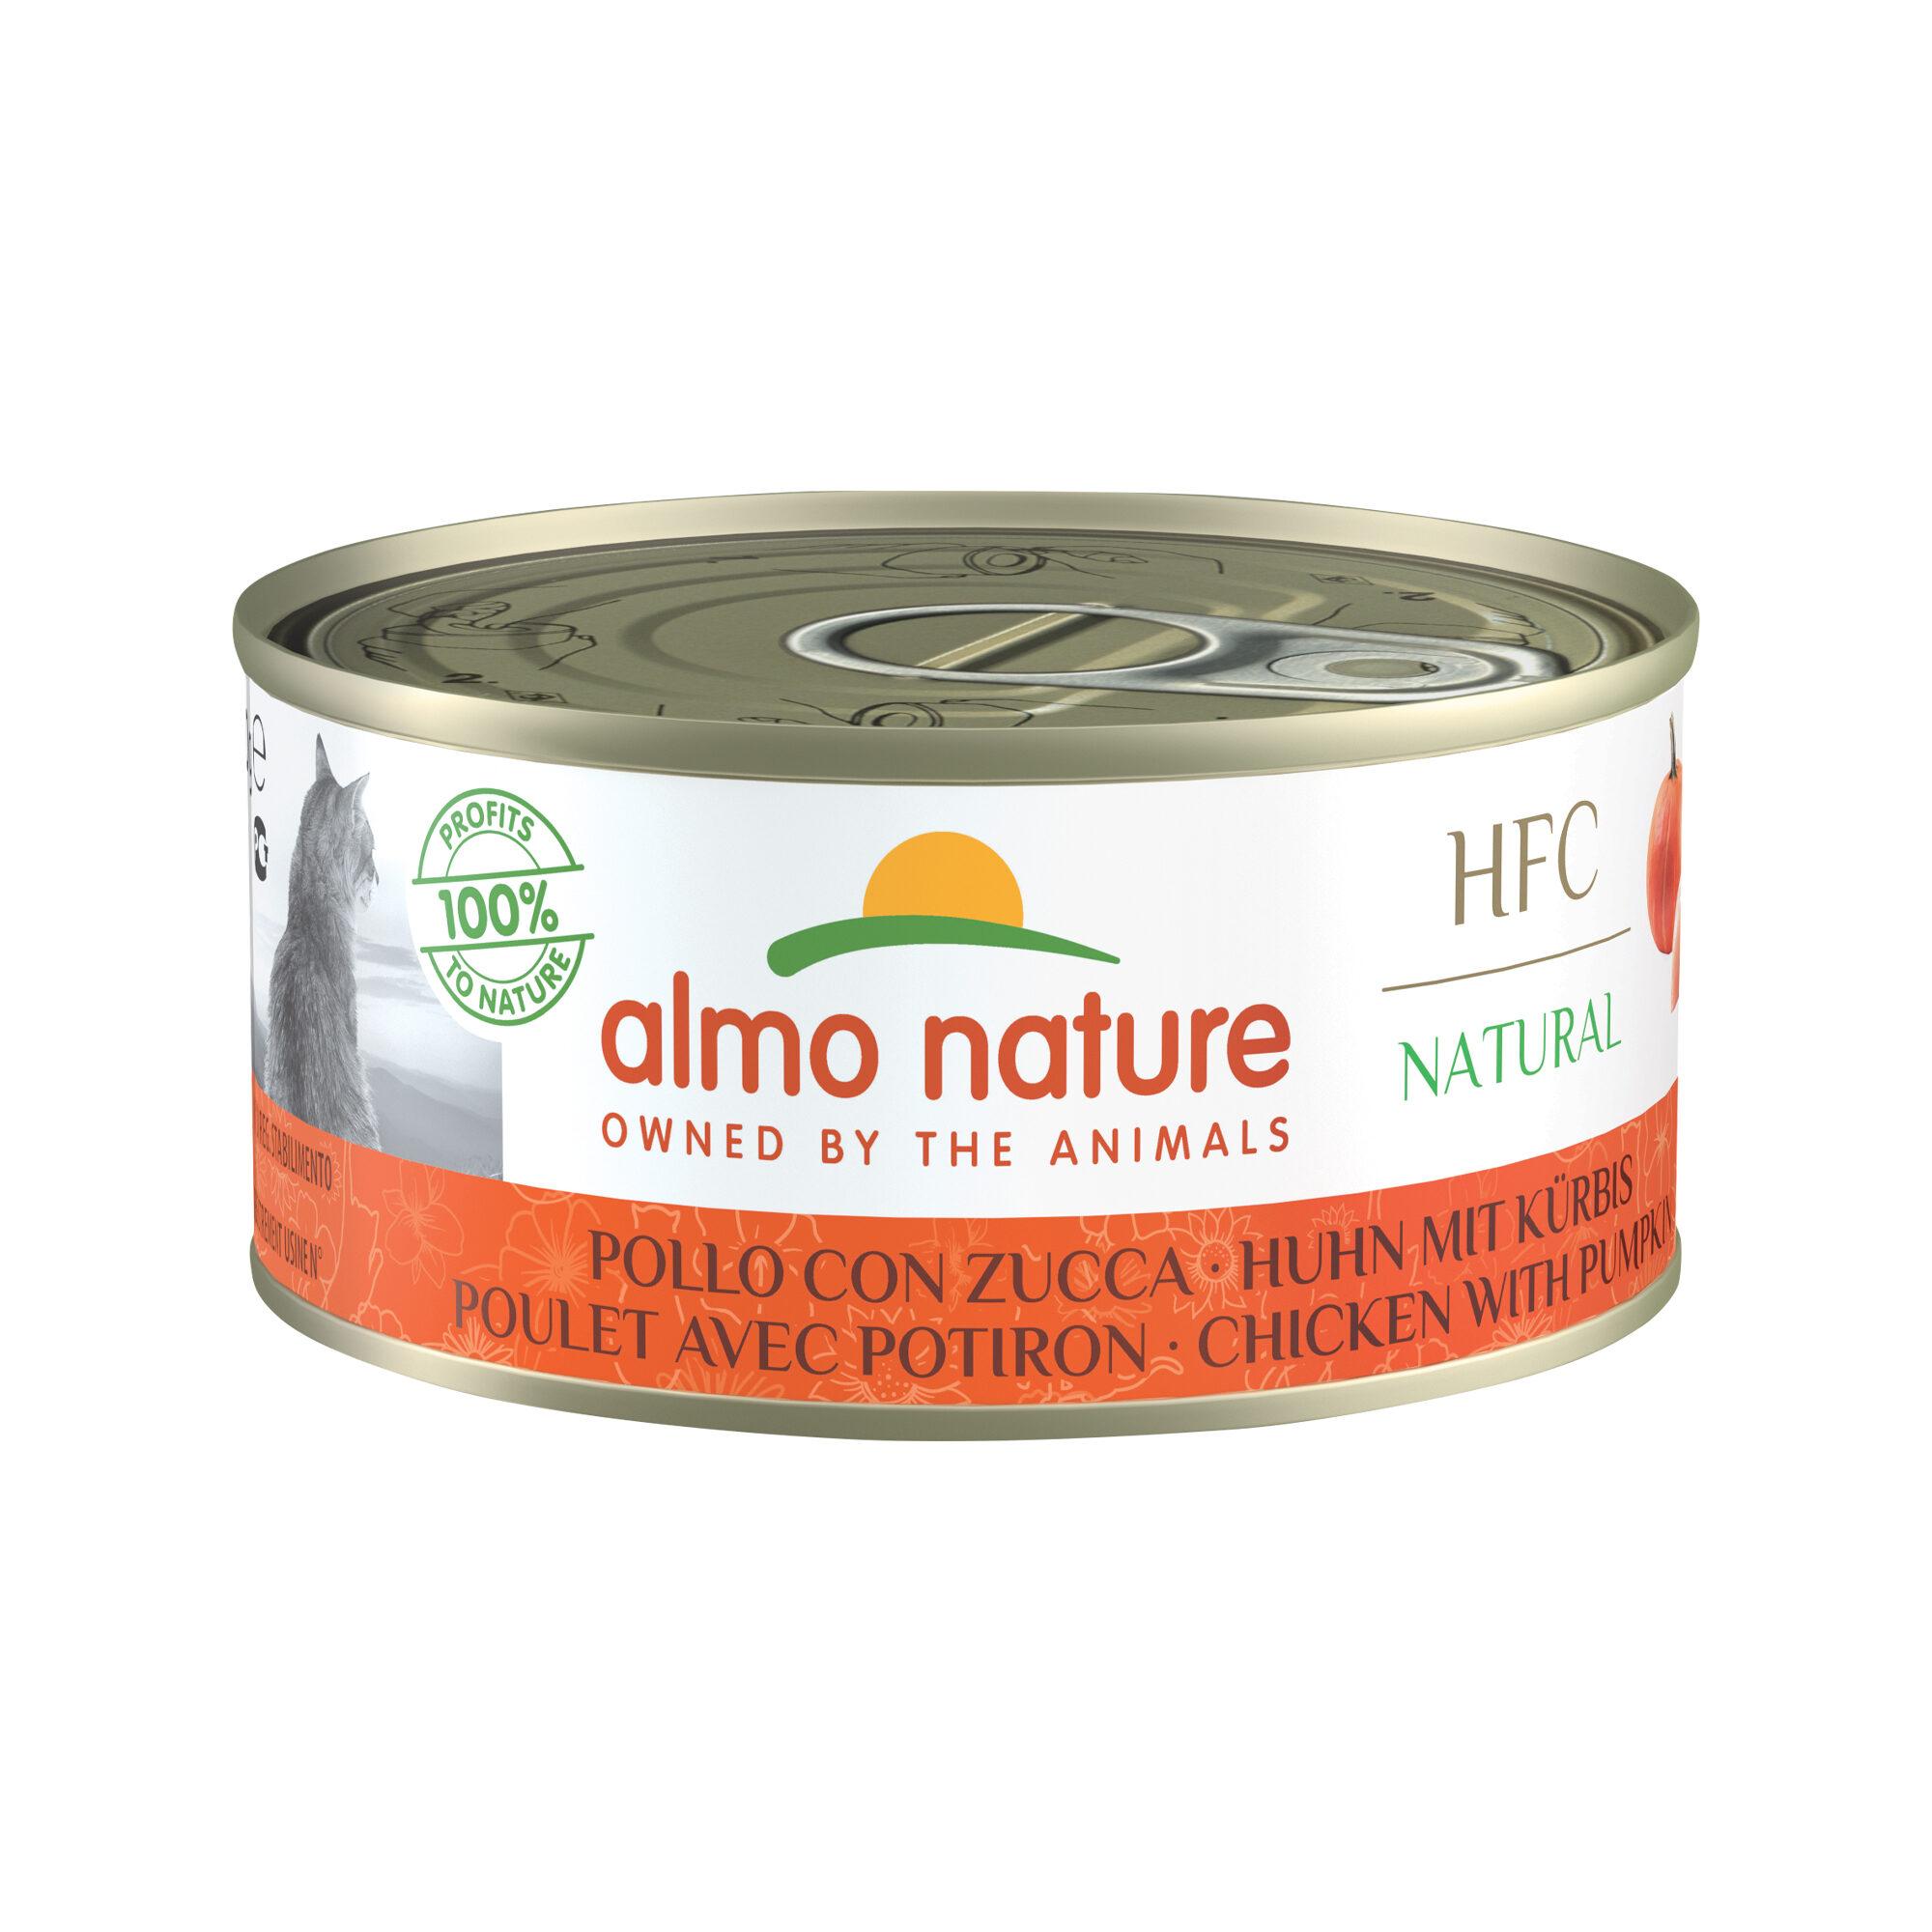 Almo Nature HFC Natural Alimentation pour chat - Poulet et citrouille - 24 x 150 g